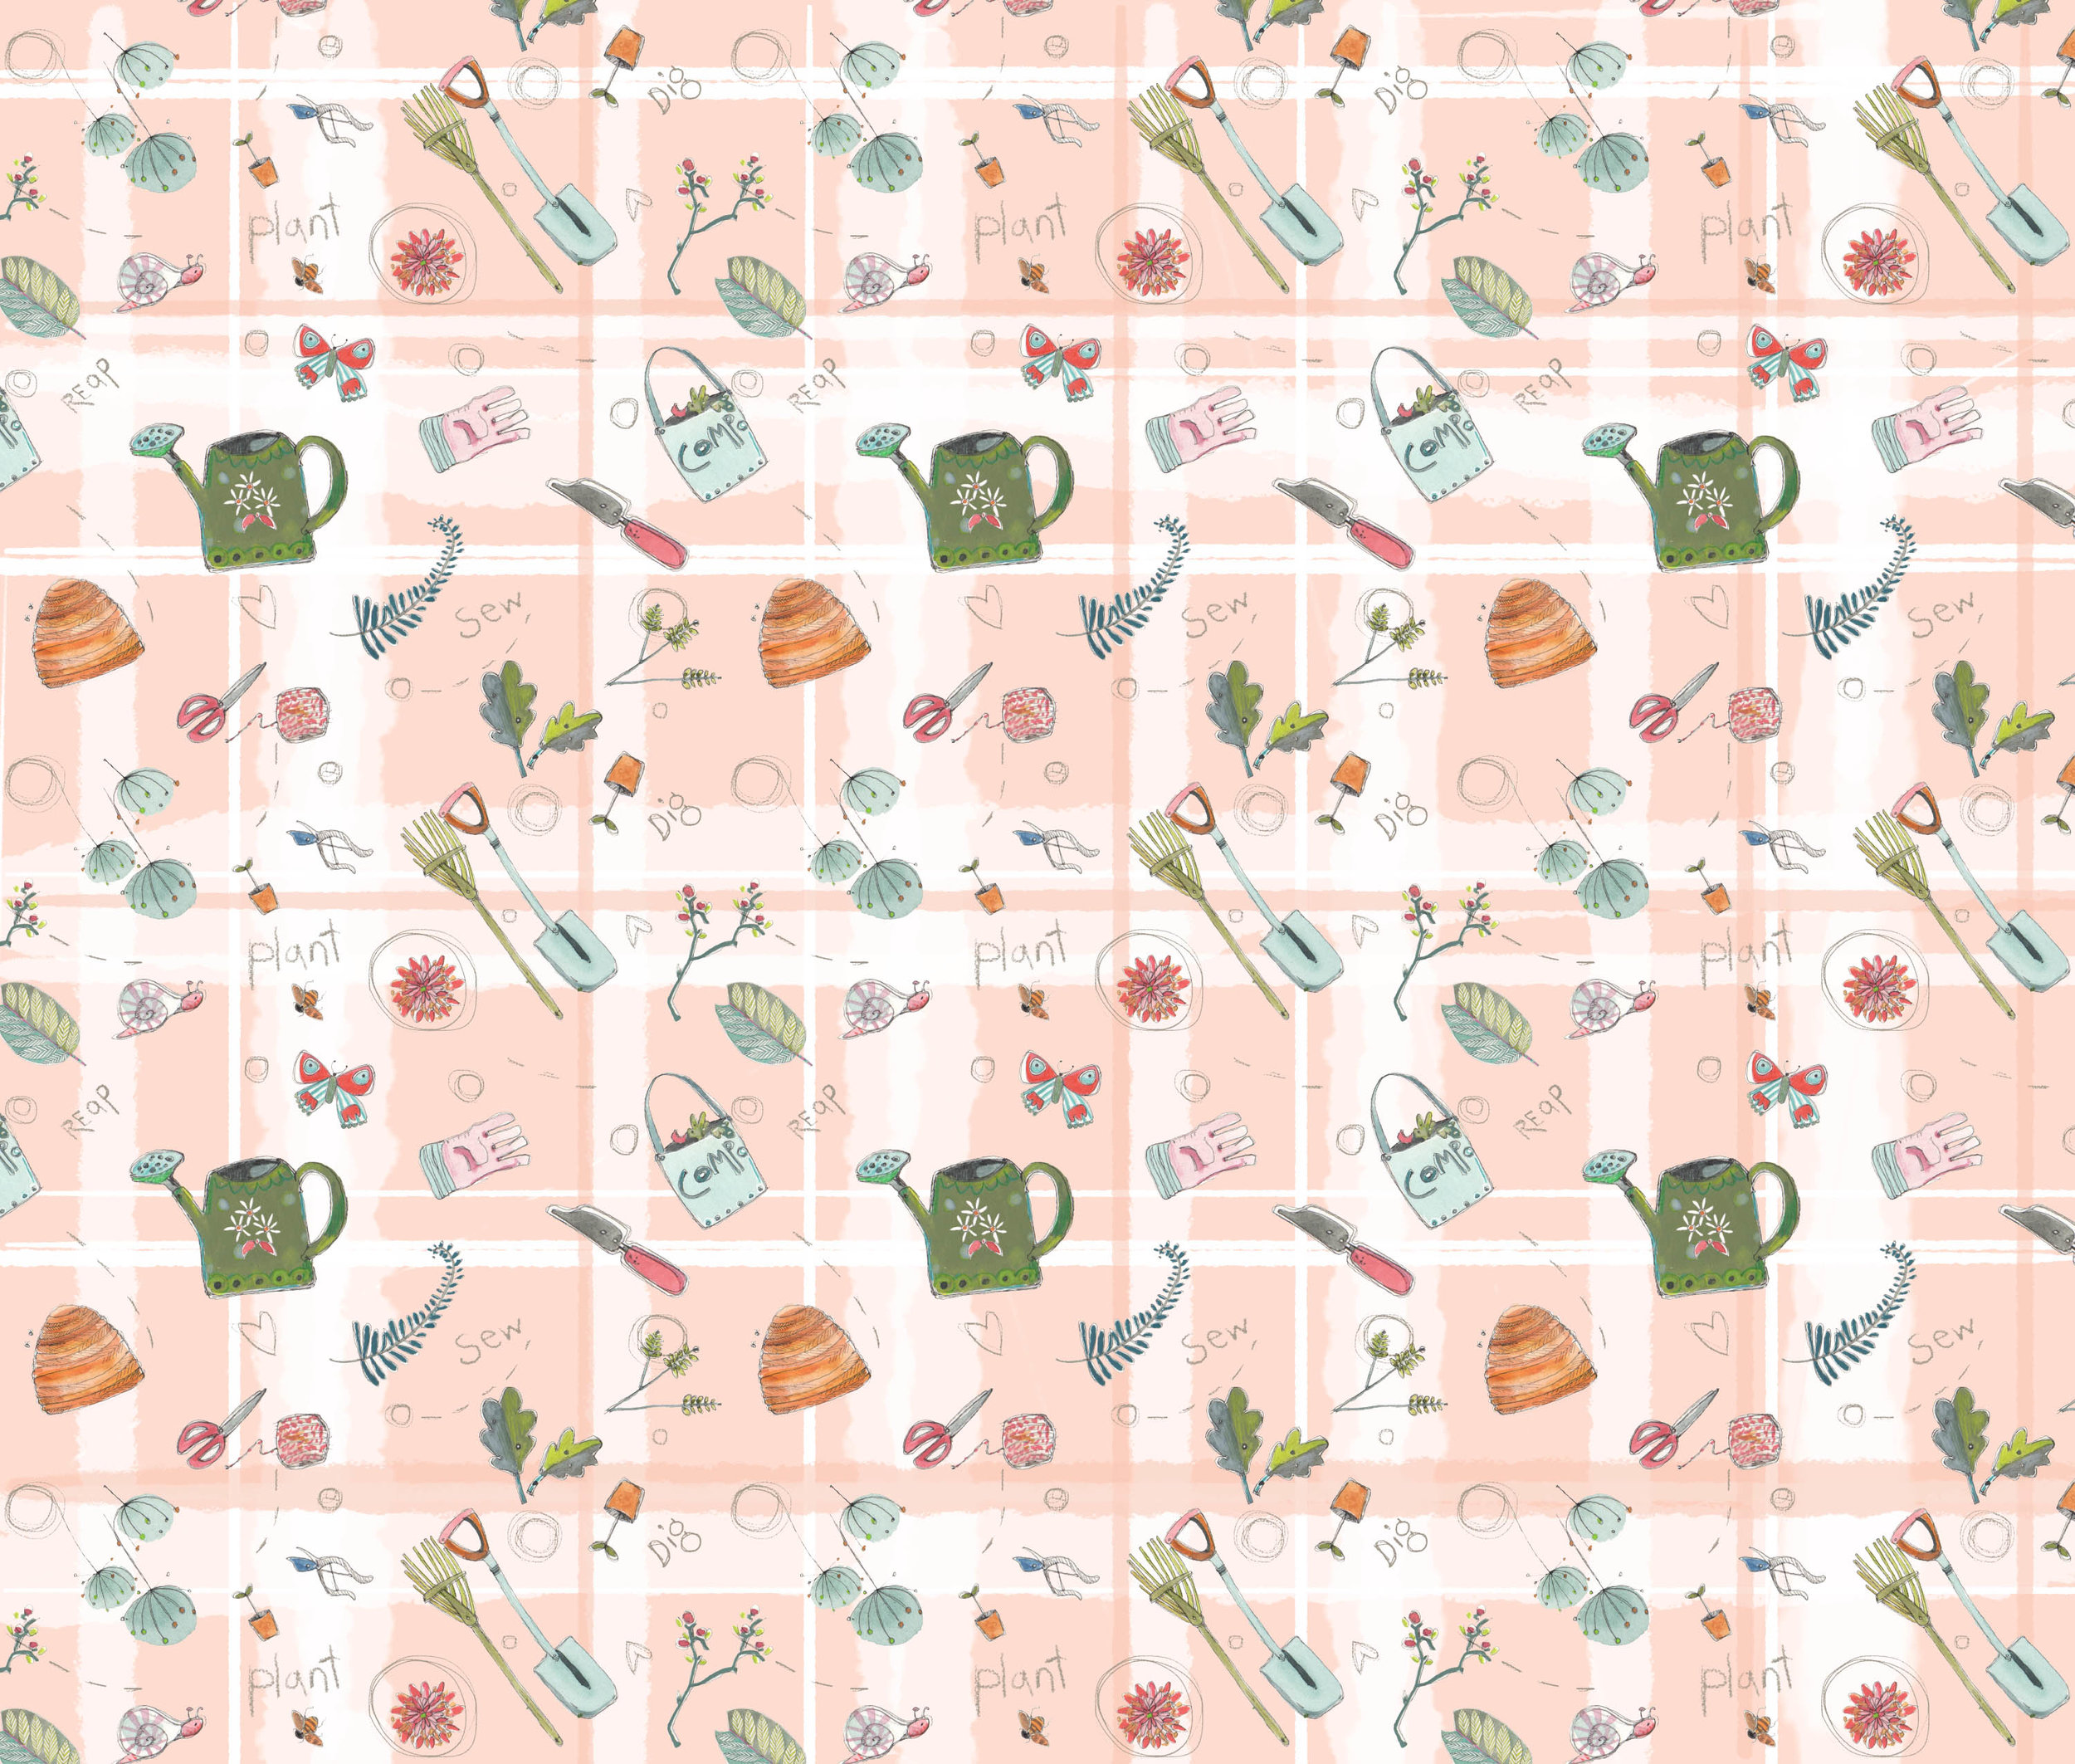 accompanying pattern